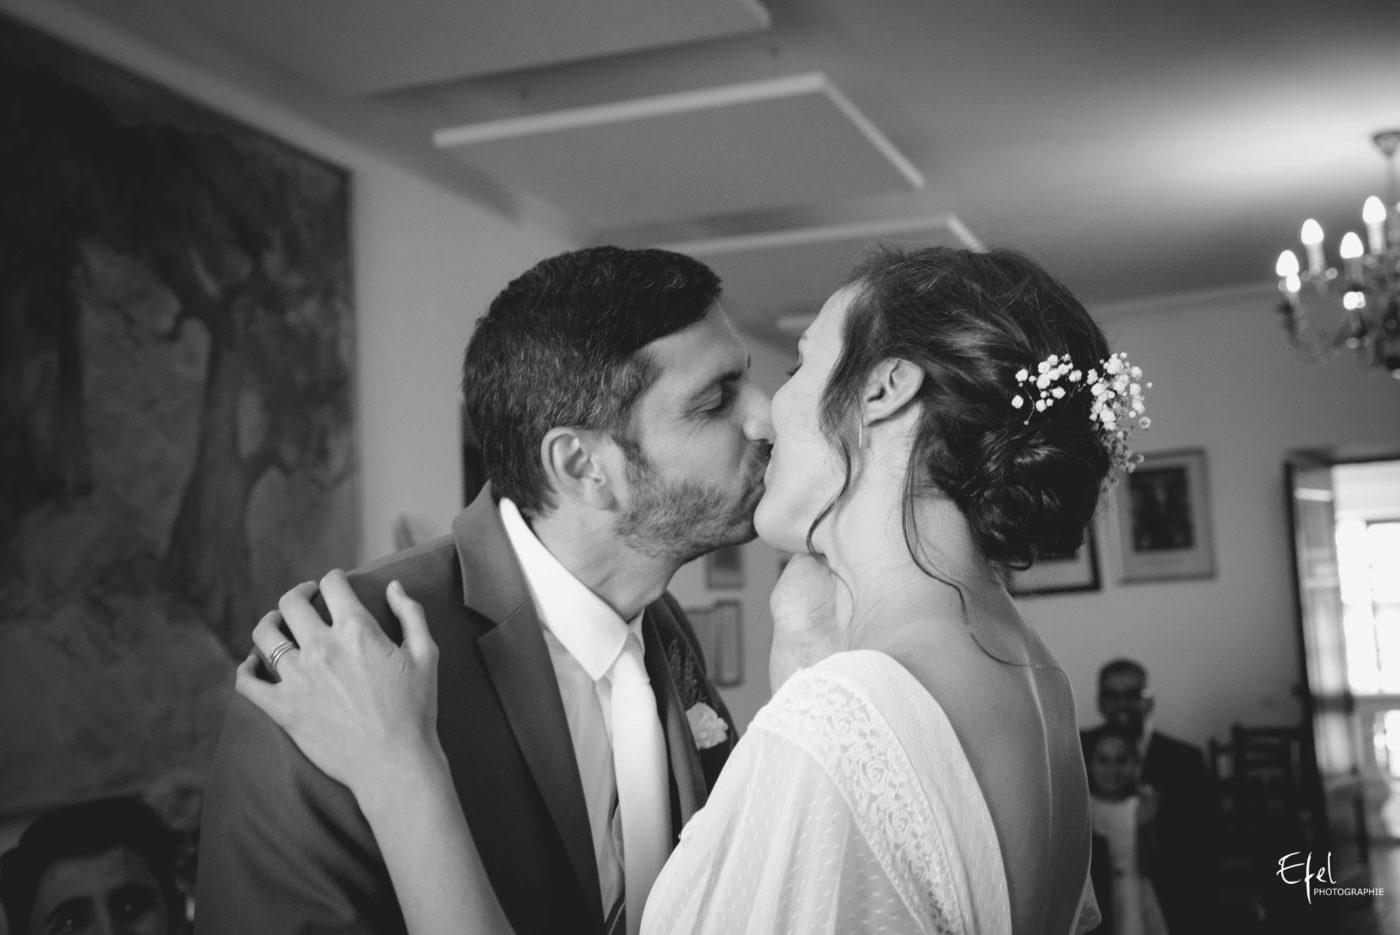 bisou des mariés - reportage de mariage civil dans les hautes alpes, dans les alpes maritimes et en PACA